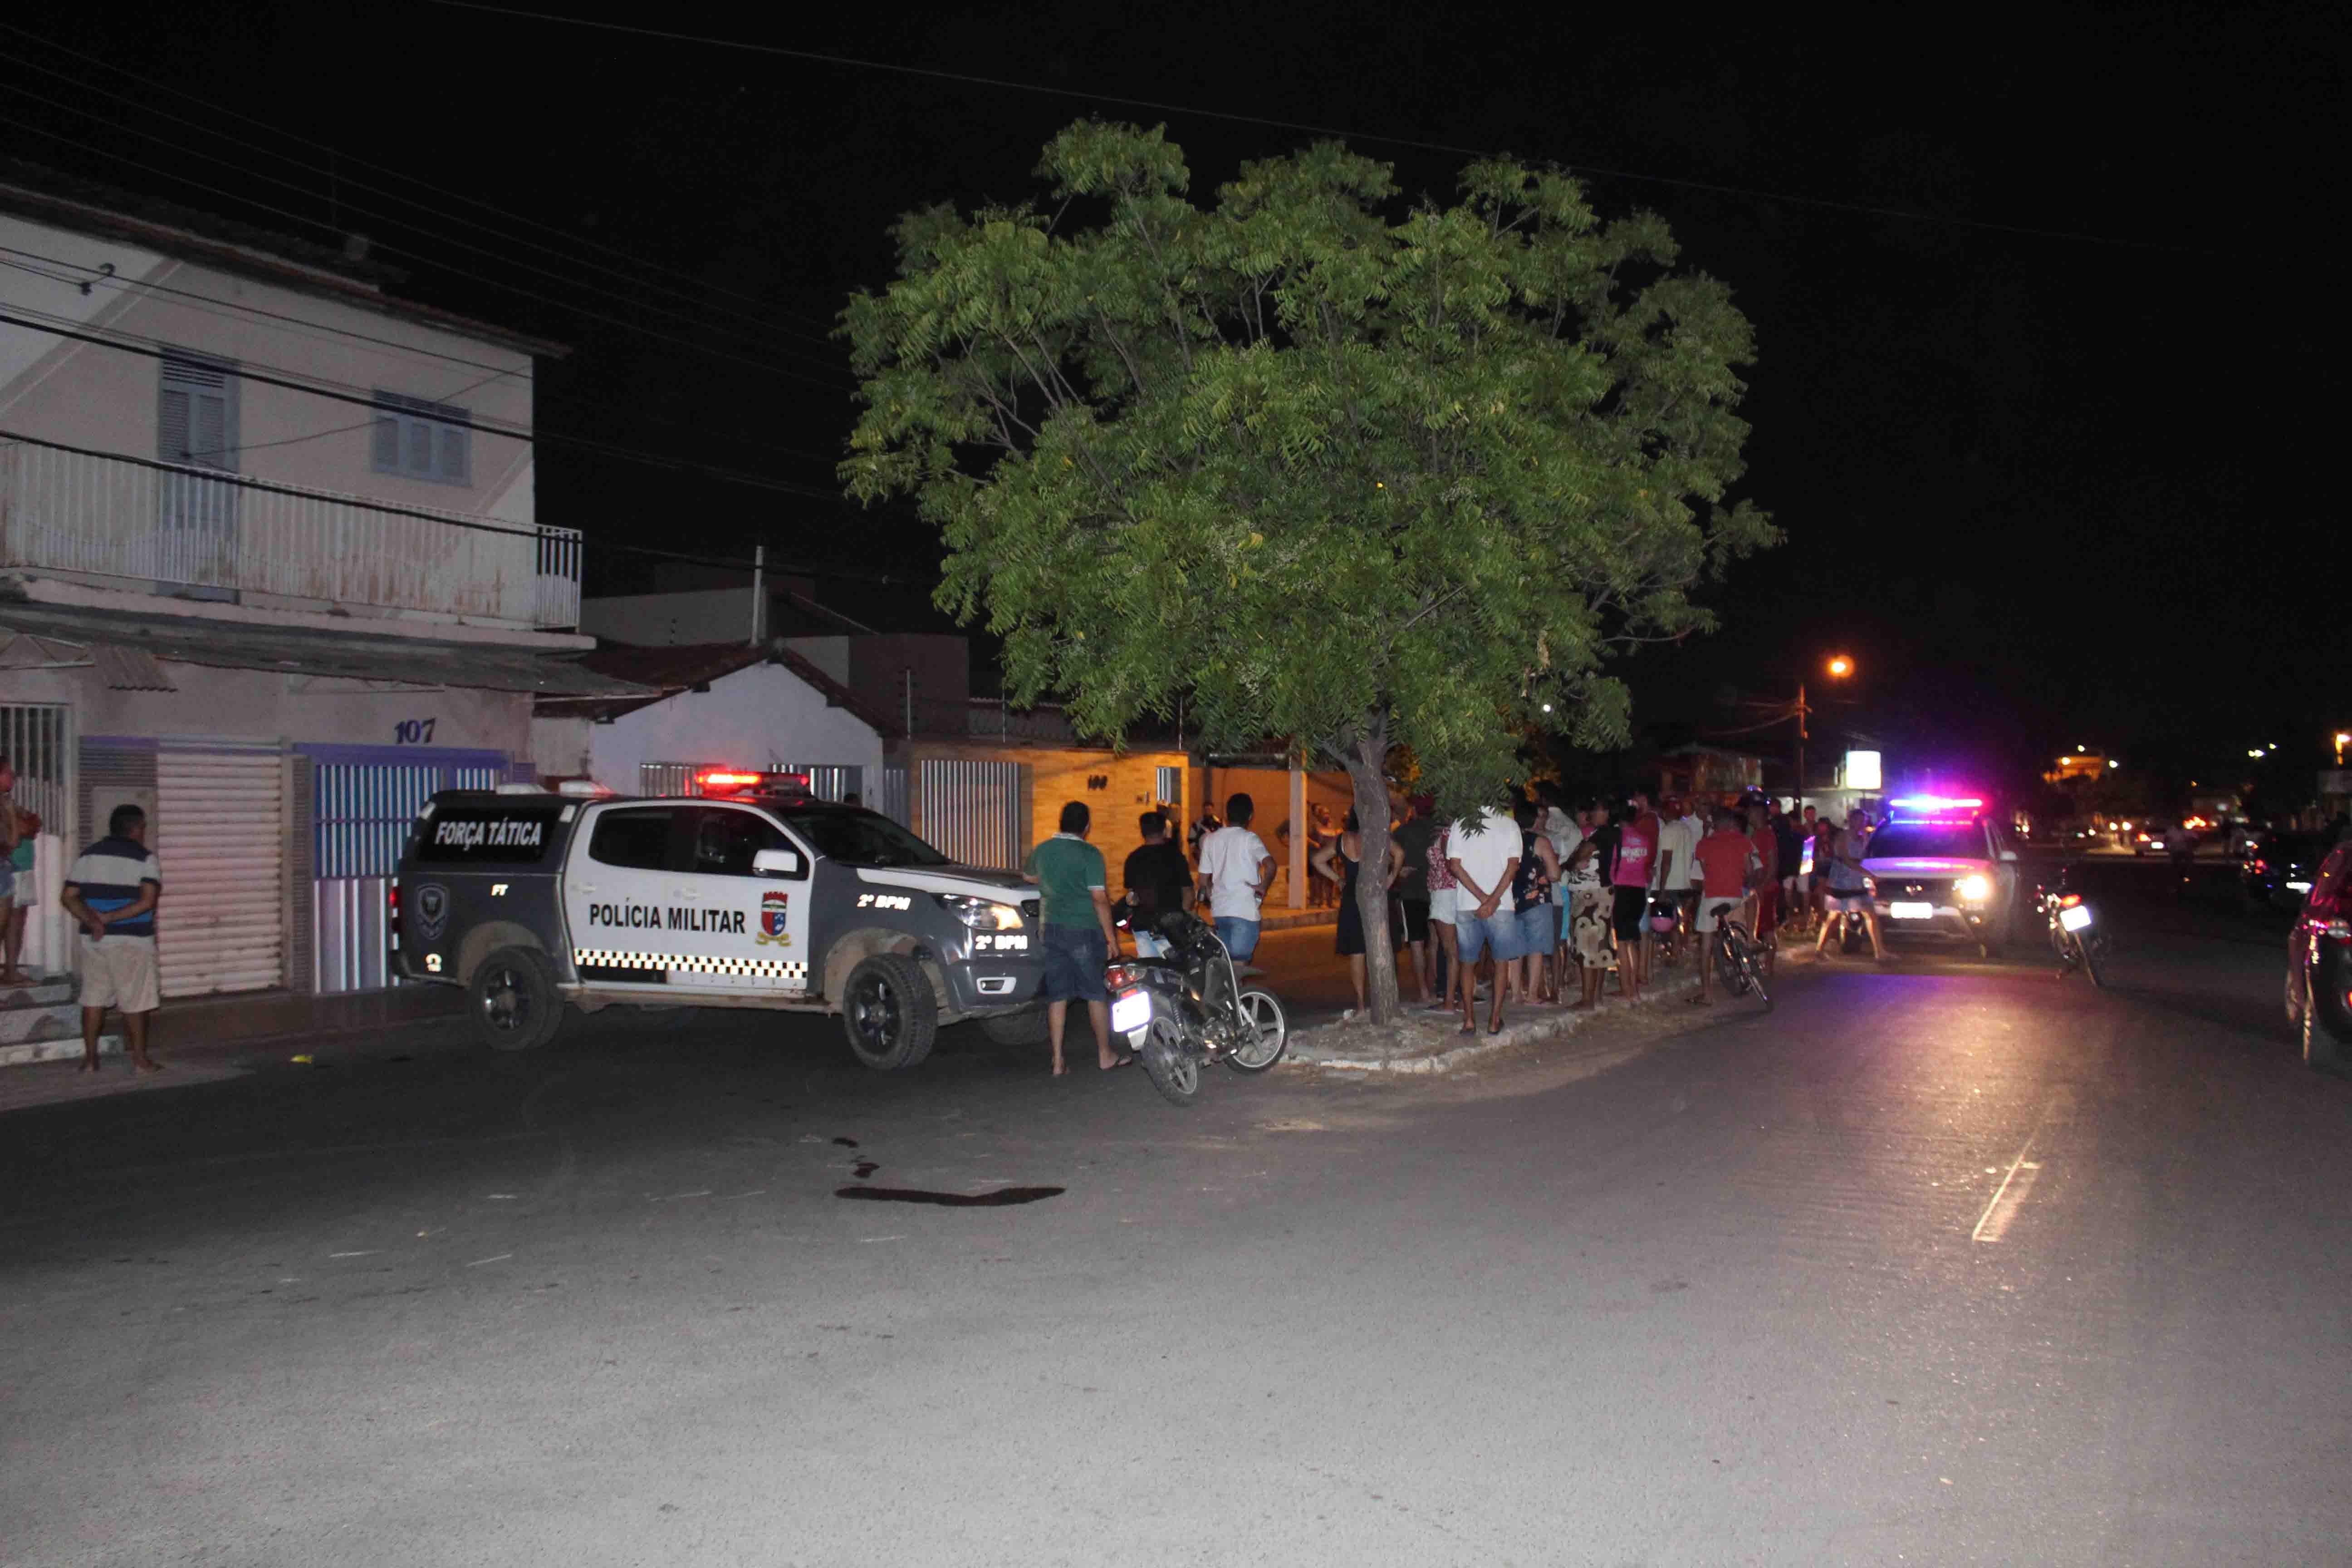 Homem é executado a tiros ao chegar em casa em Mossoró  - Notícias - Plantão Diário